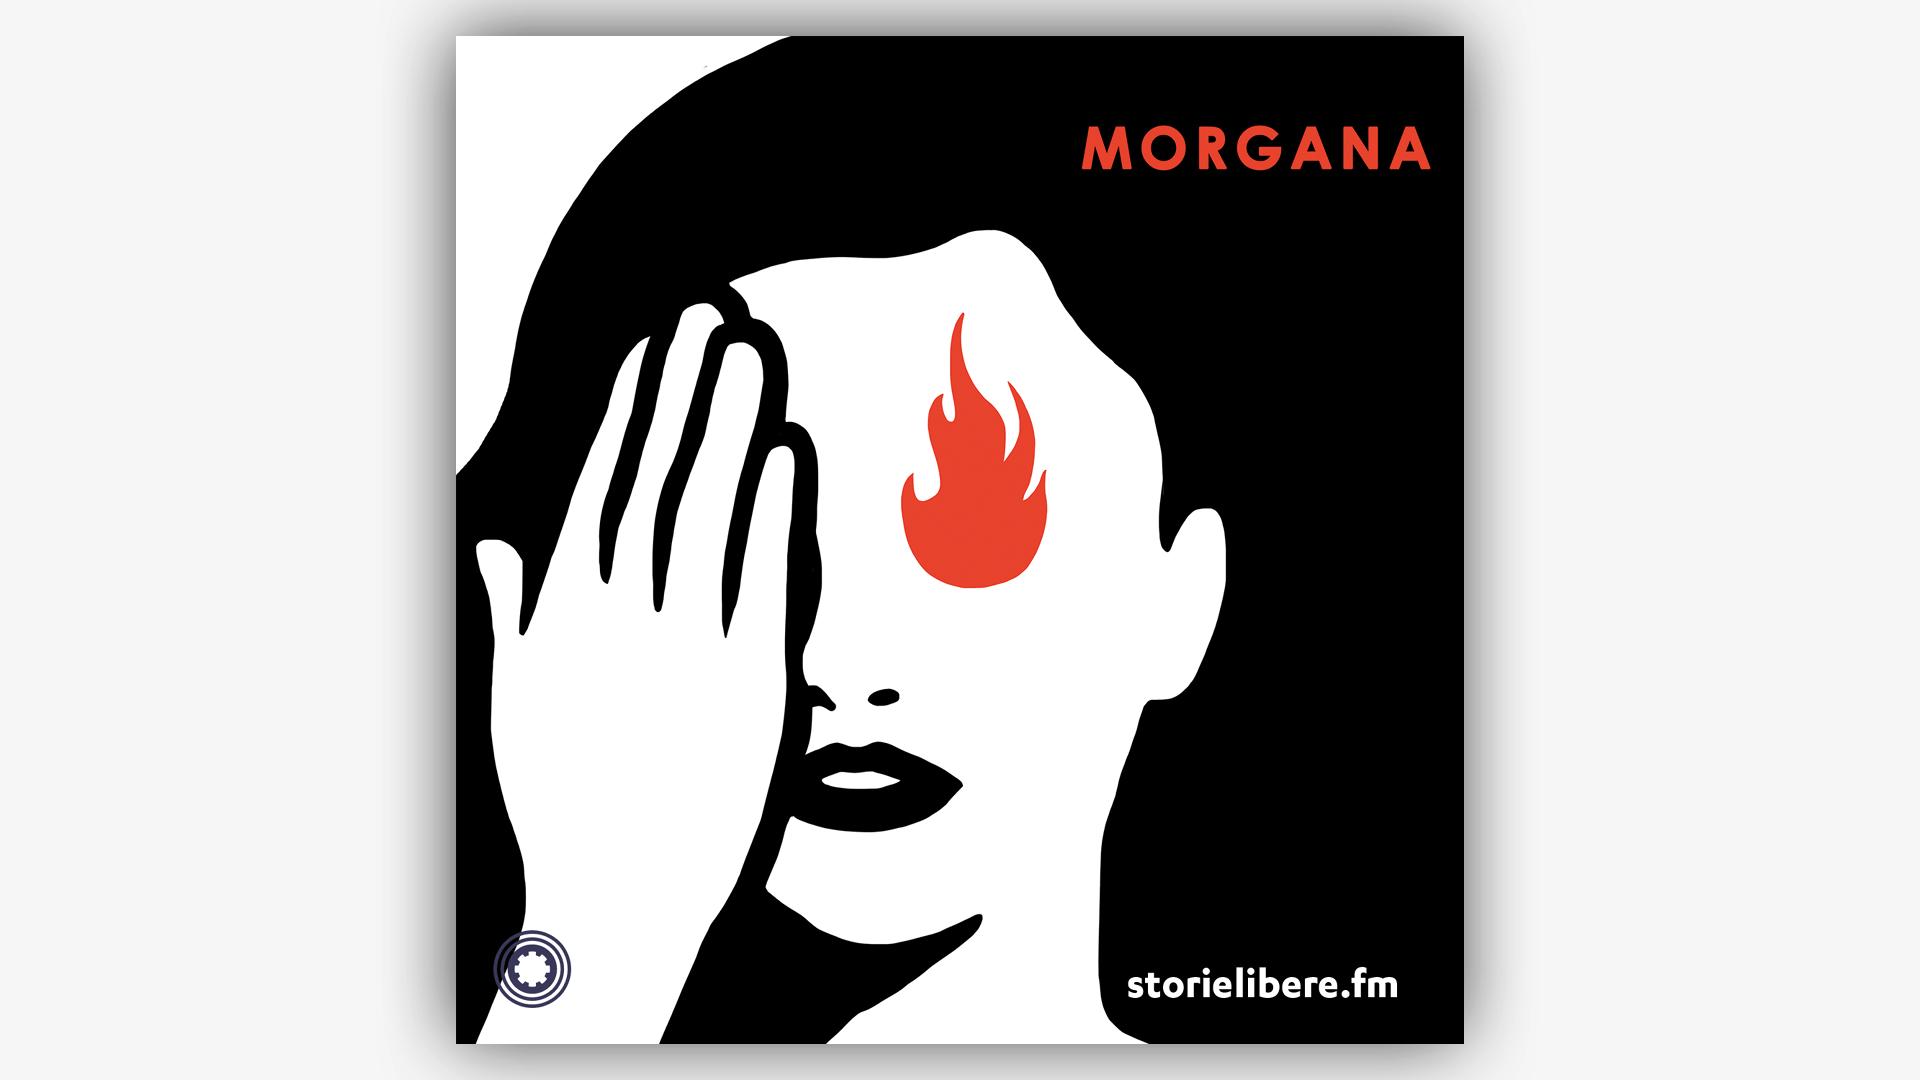 L'immagine iconica di Morgana, realizzata da MP5